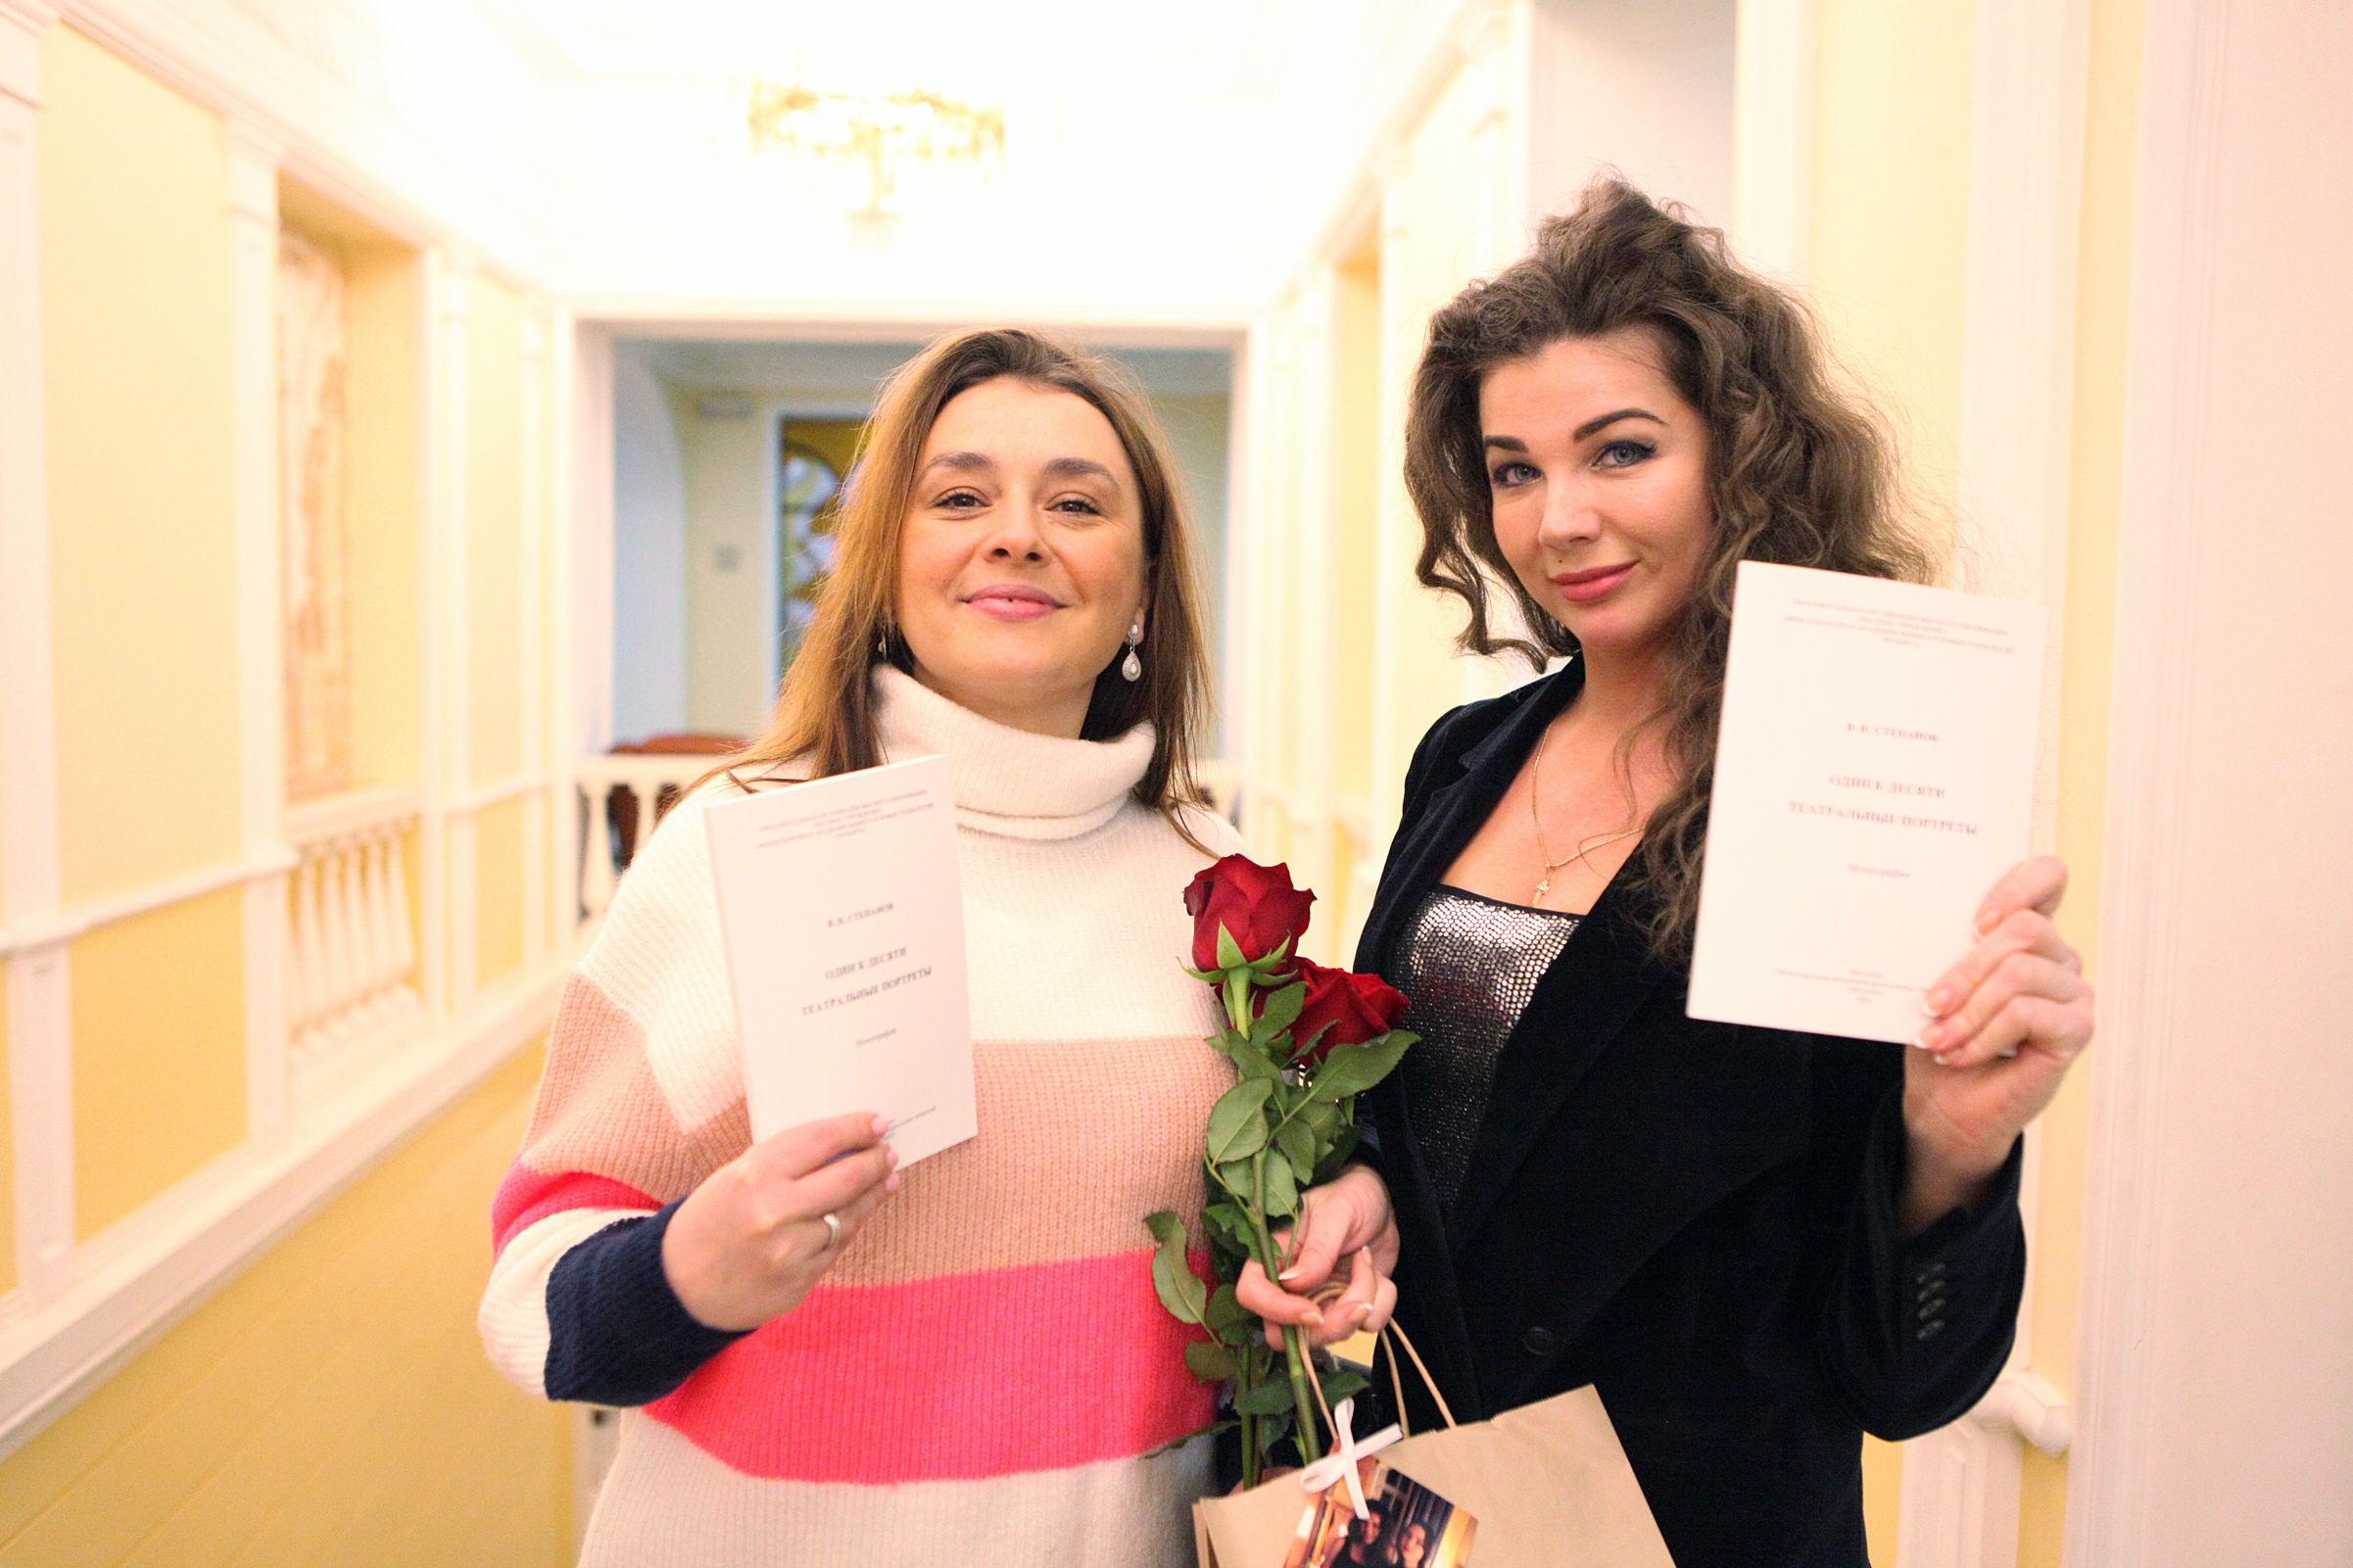 Театральные портреты. Какими яркими событиями отмечено начало года в жизни Волковского театра